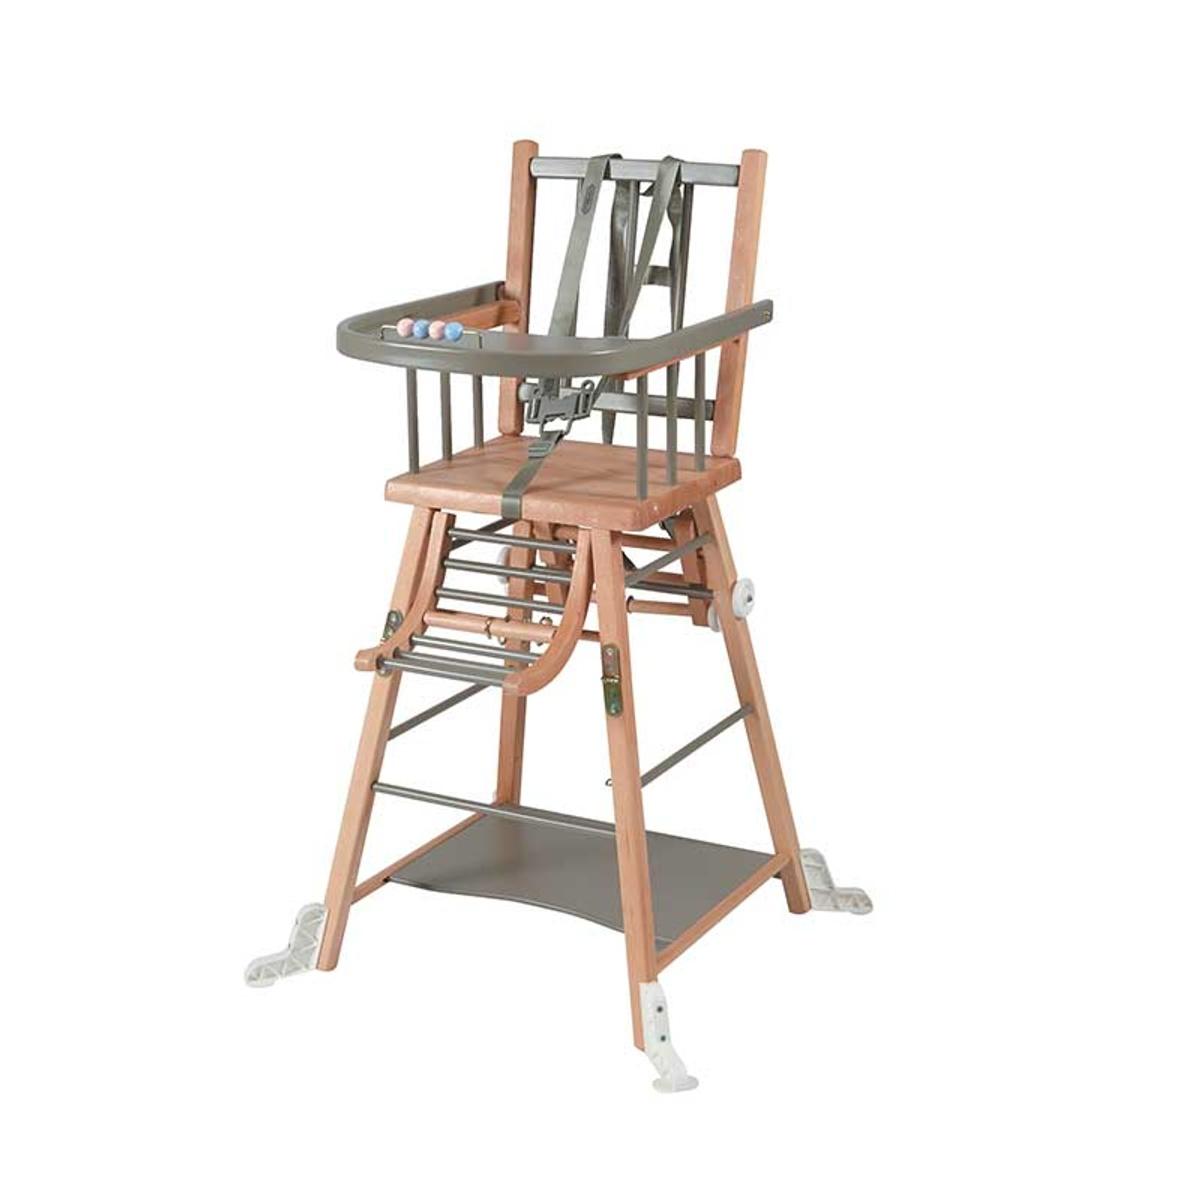 Chaise haute bébé en bois  bicolore gris - 57x95 cm